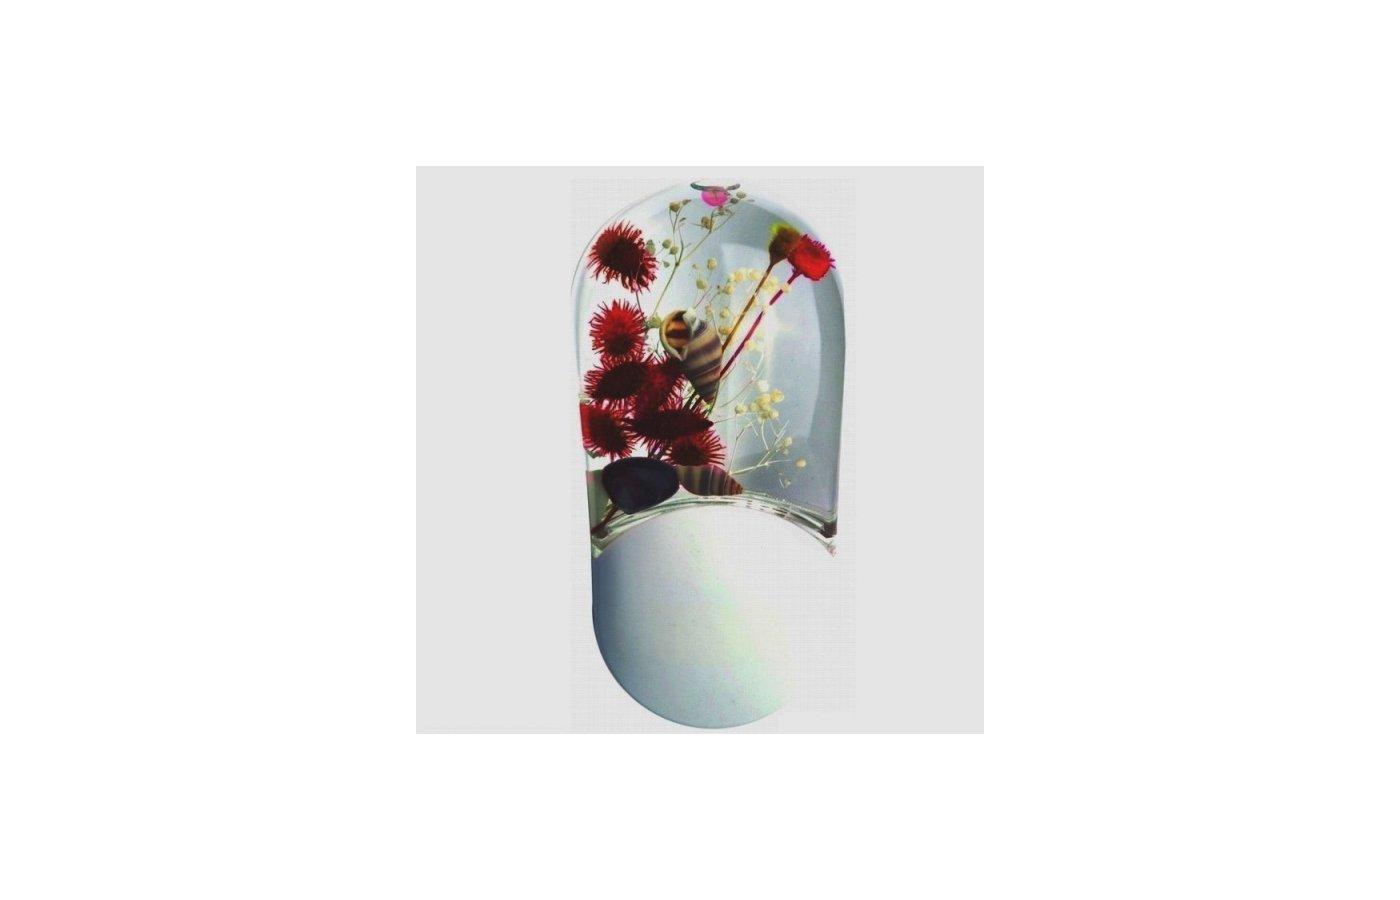 Декоративный светильник Светильник NL-108 ночник Лето